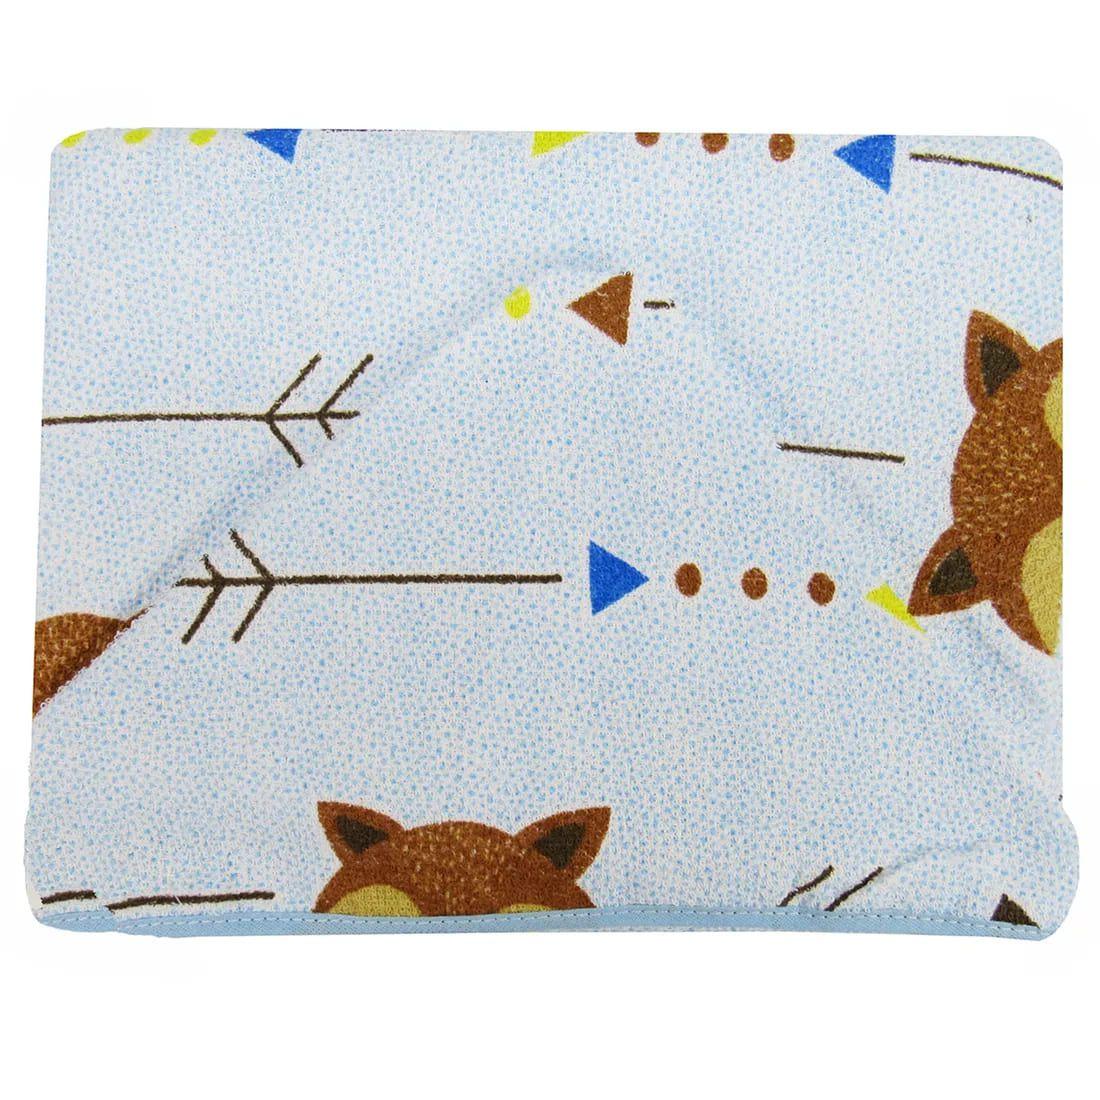 Toalha de Banho Capuz Forrada - Raposinha - Azul